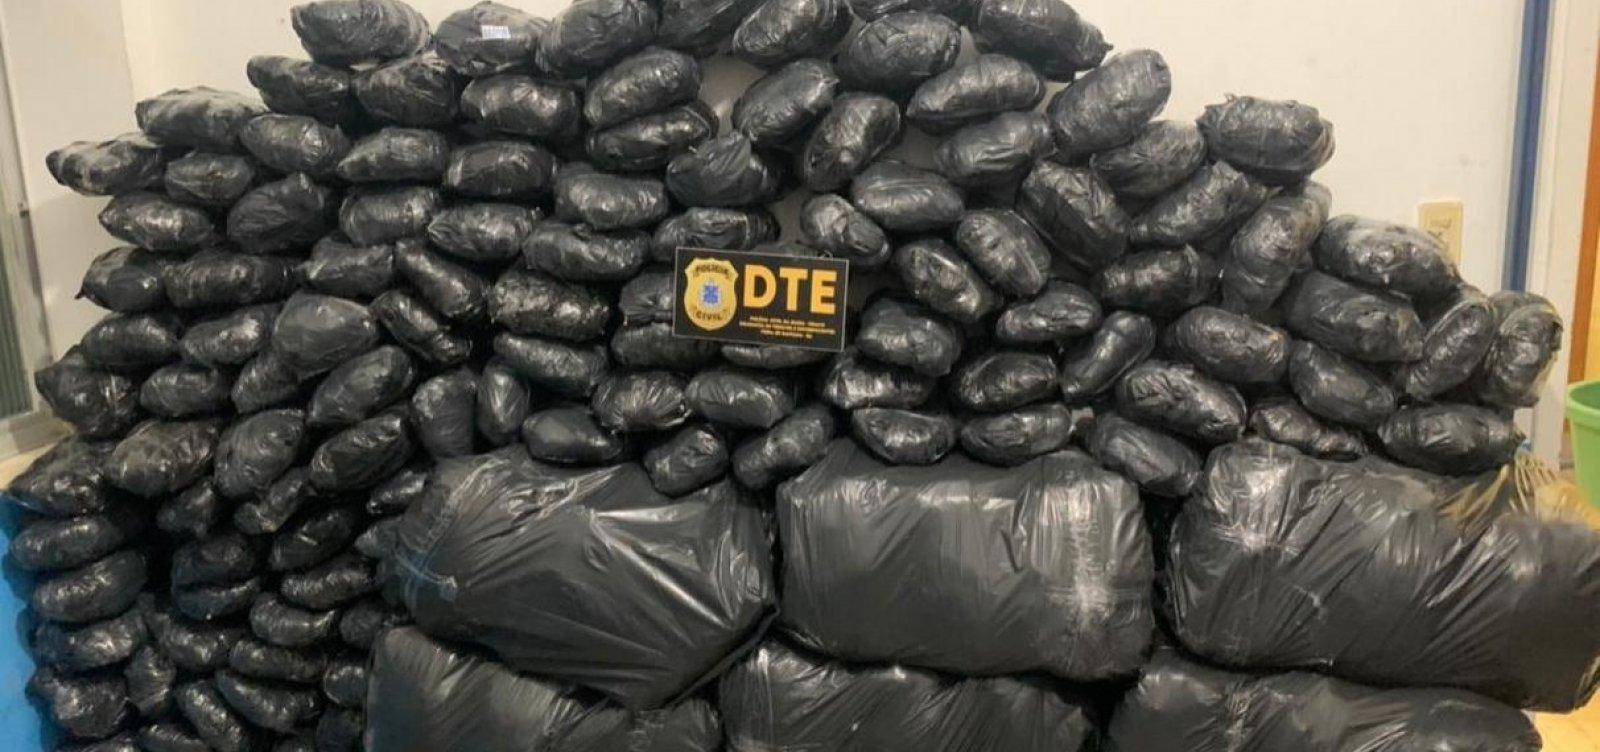 Operação da Polícia Civil em Feira de Santana apreende 300kg de maconha